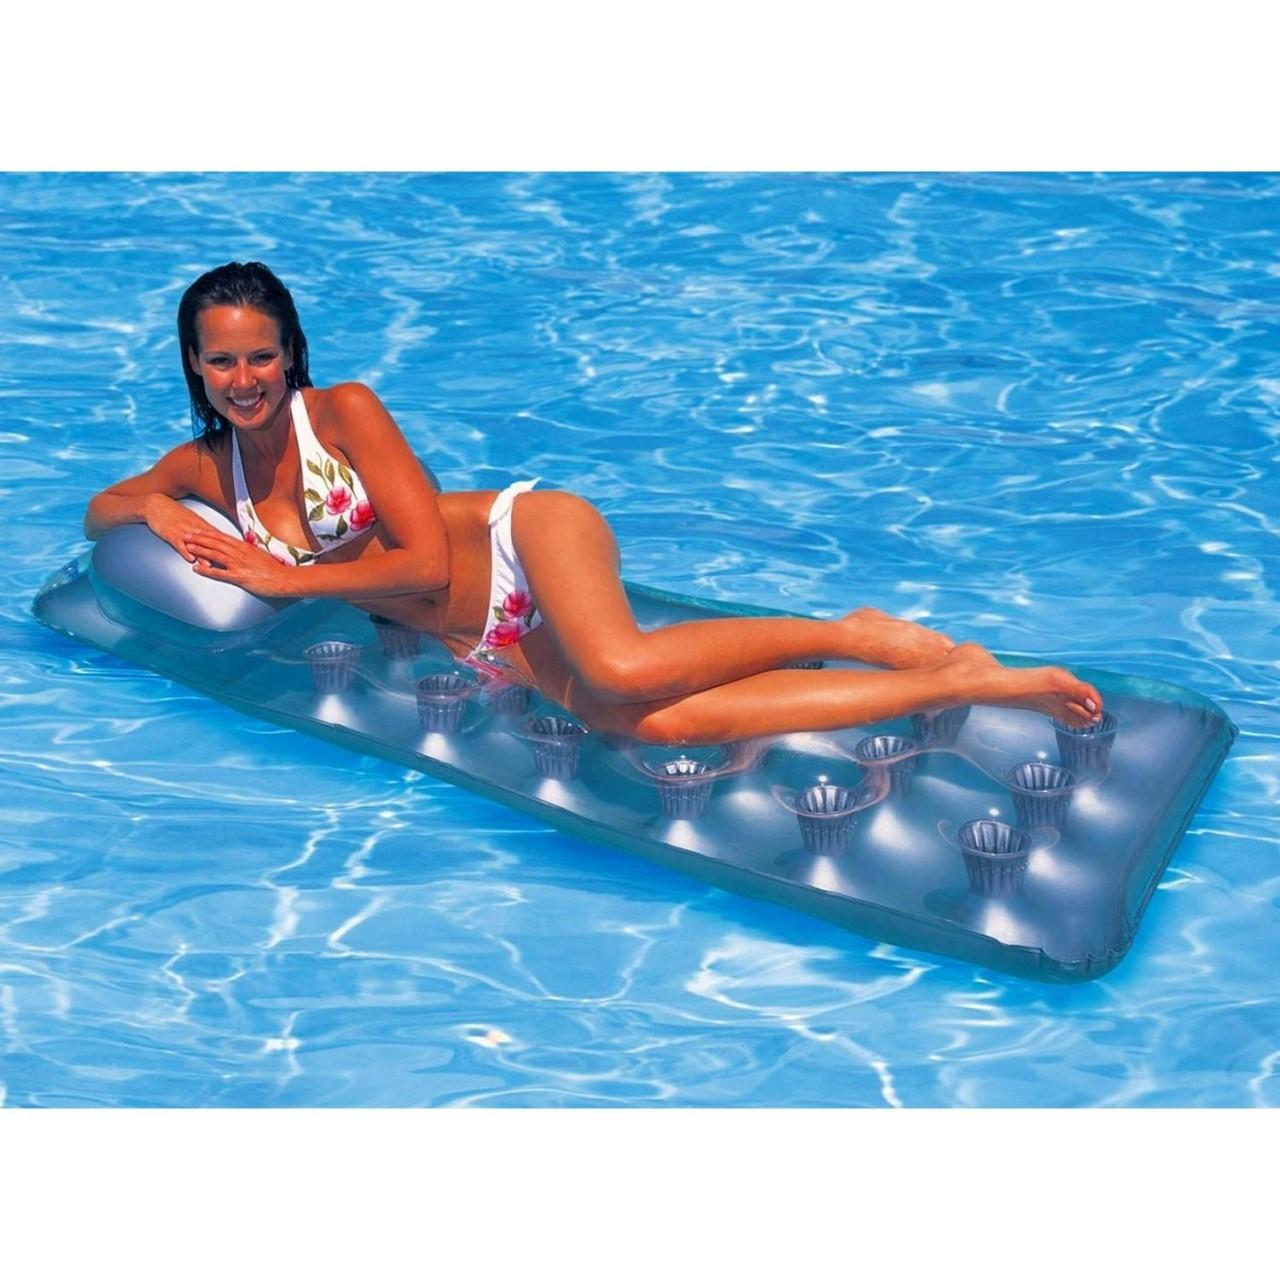 Intex Luftmatratze Schwimmliege Pocket transparent 188 x 71 cm 58894 aufblasbar